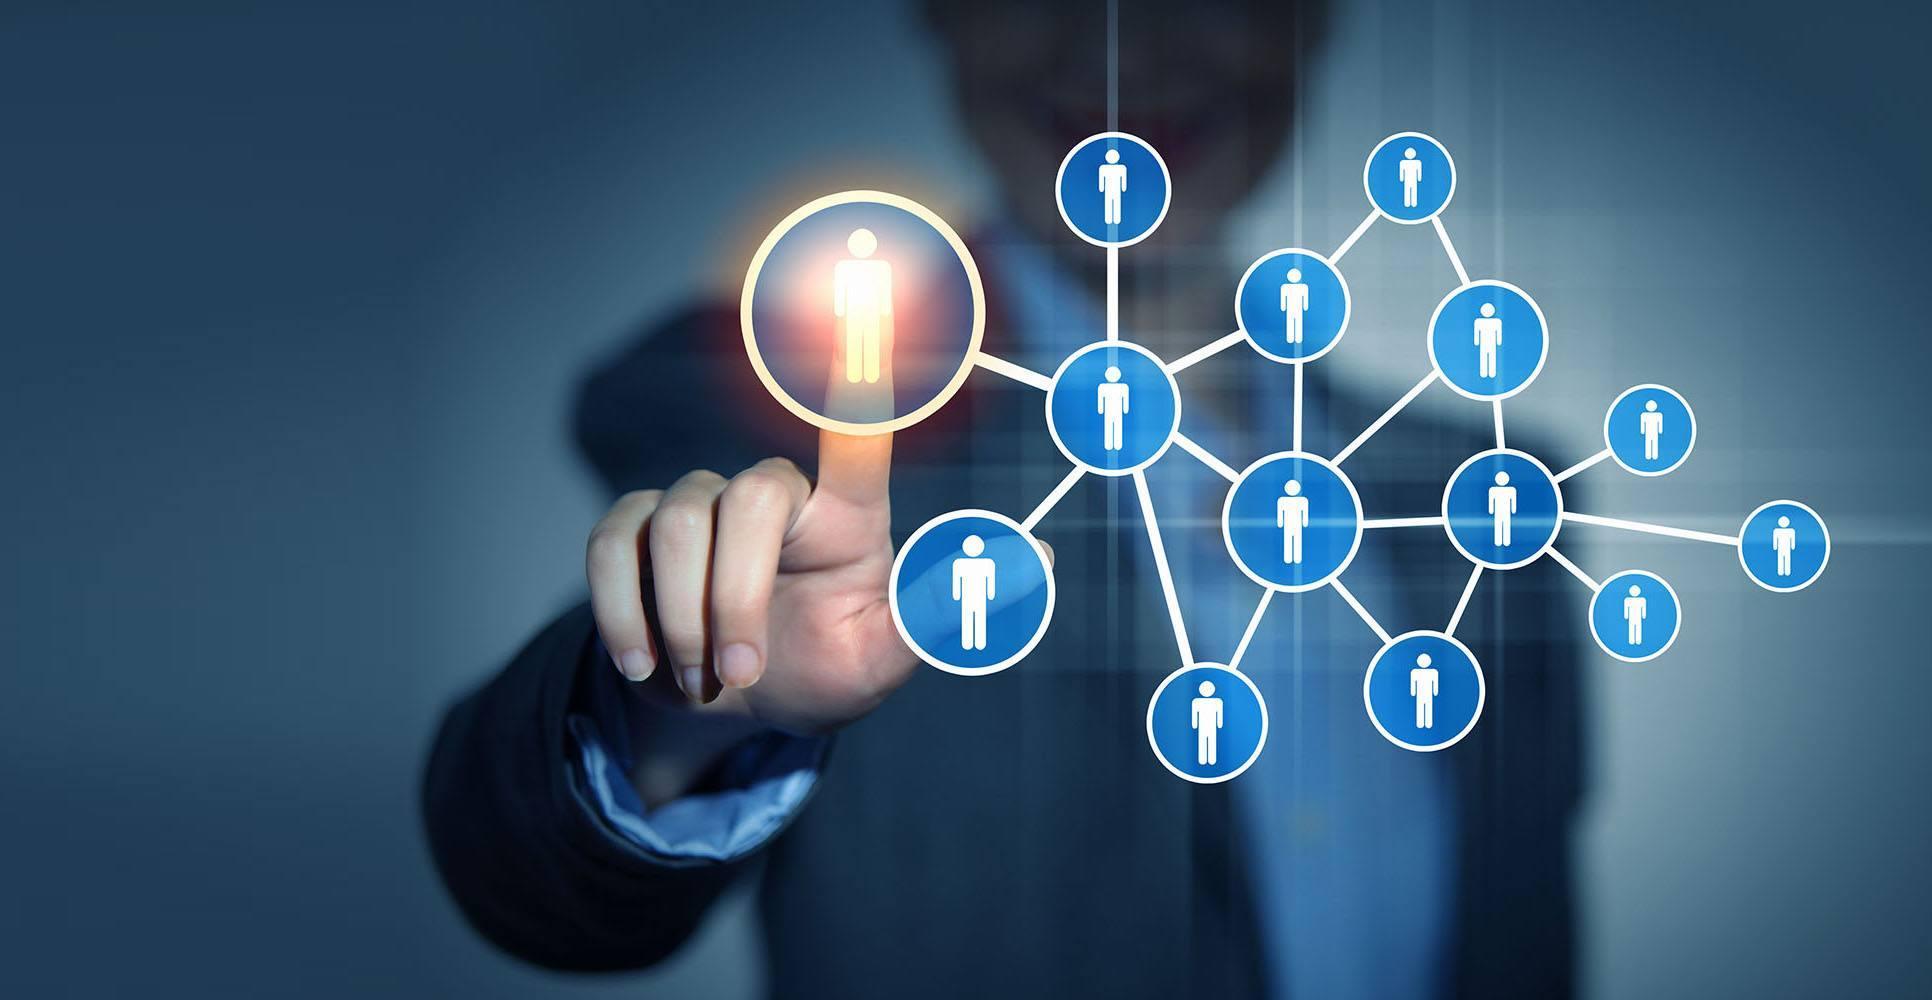 个人物流公司转让的流程和要求有哪些